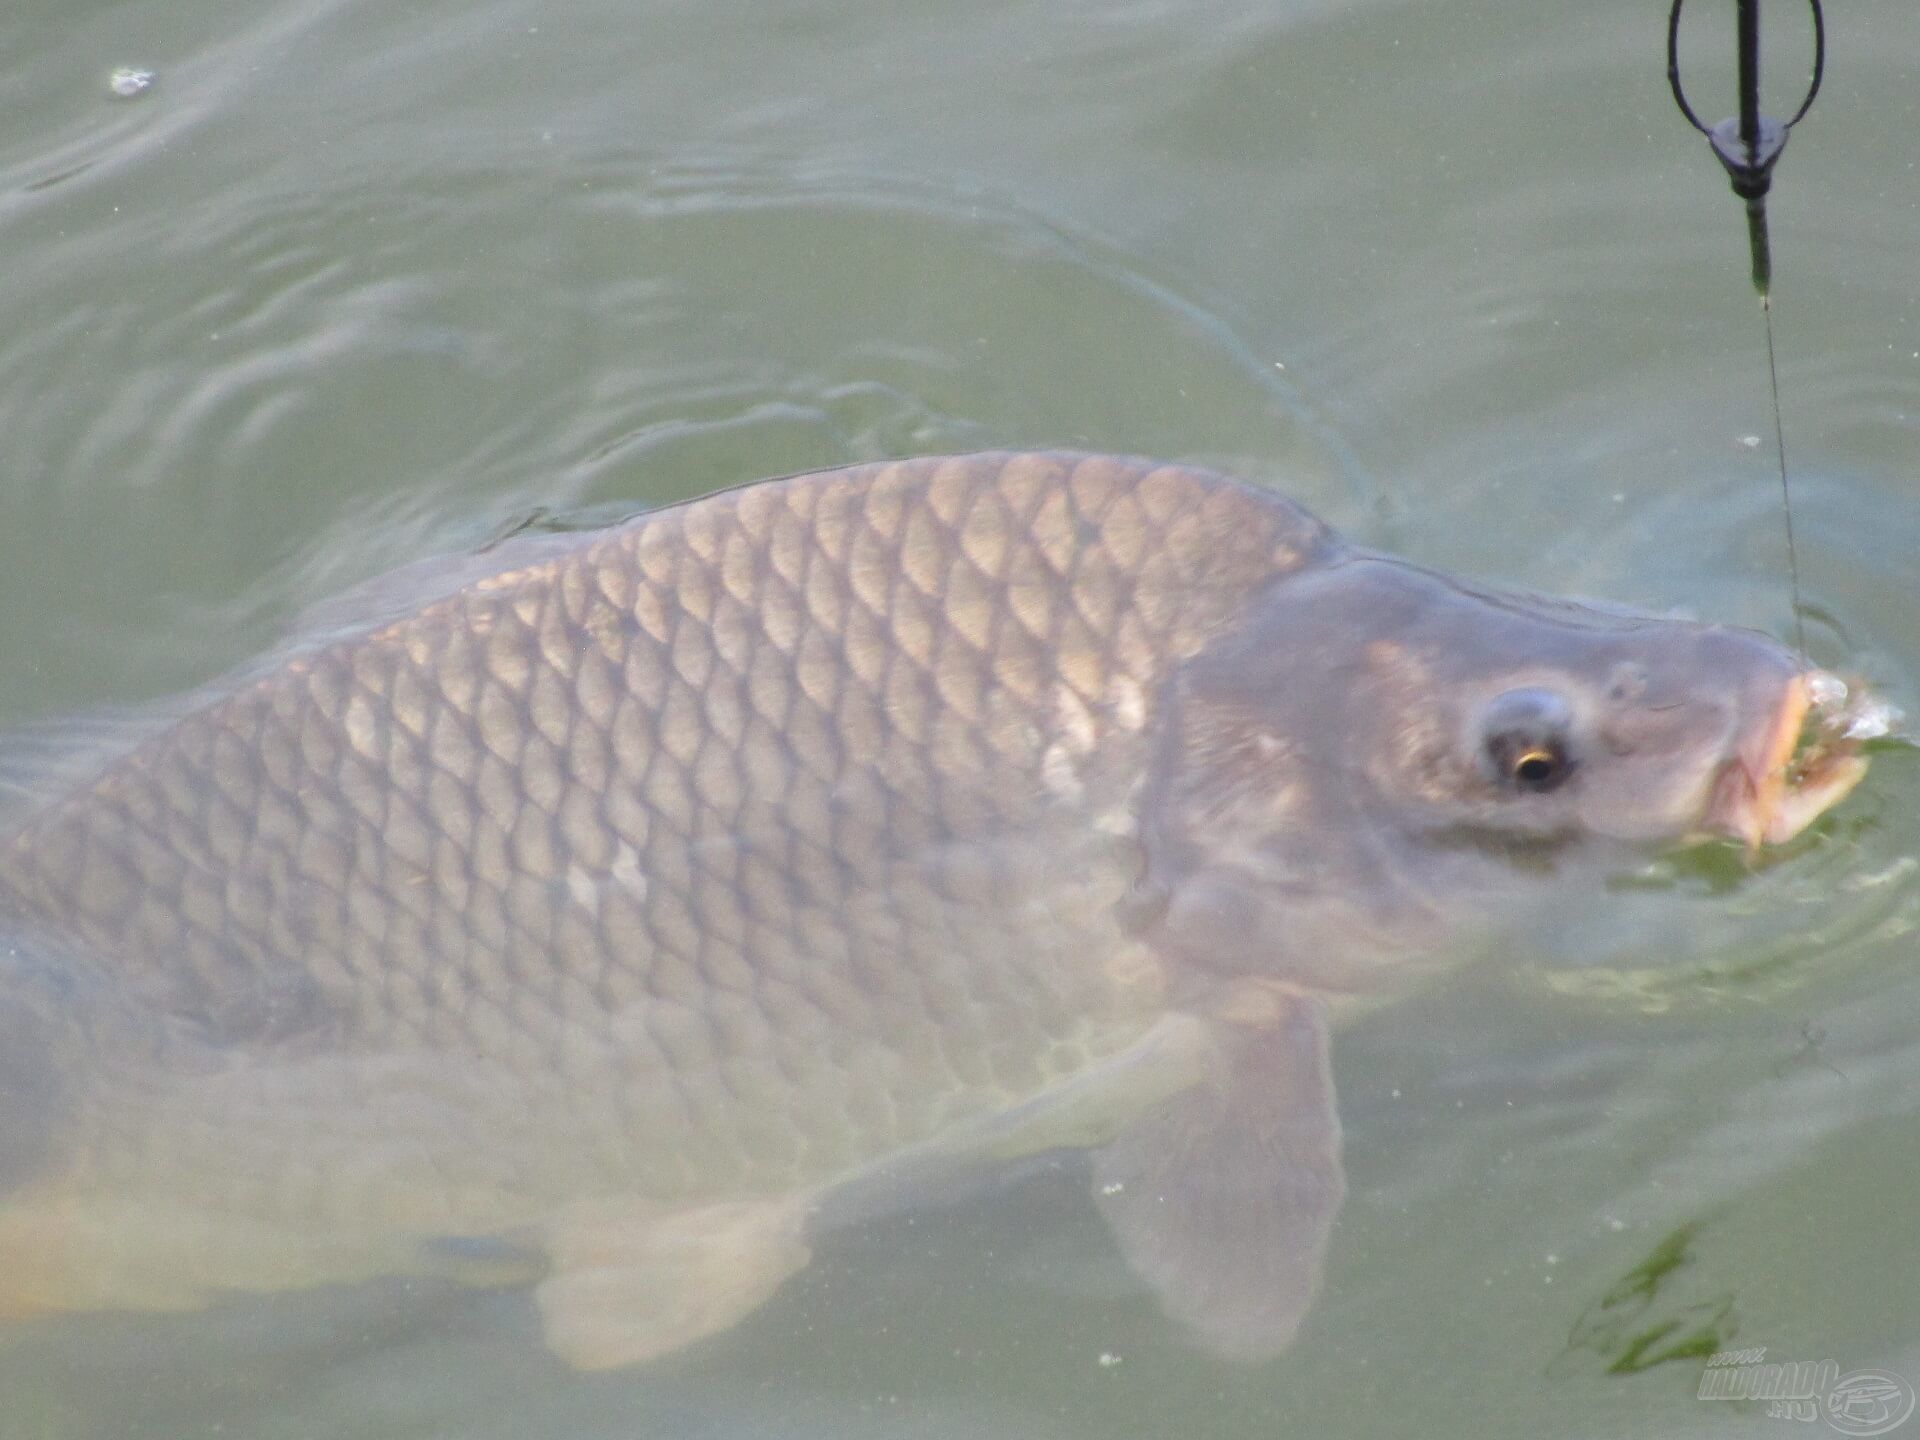 Egy újabb ponty fárasztásával folytattam a horgászatot